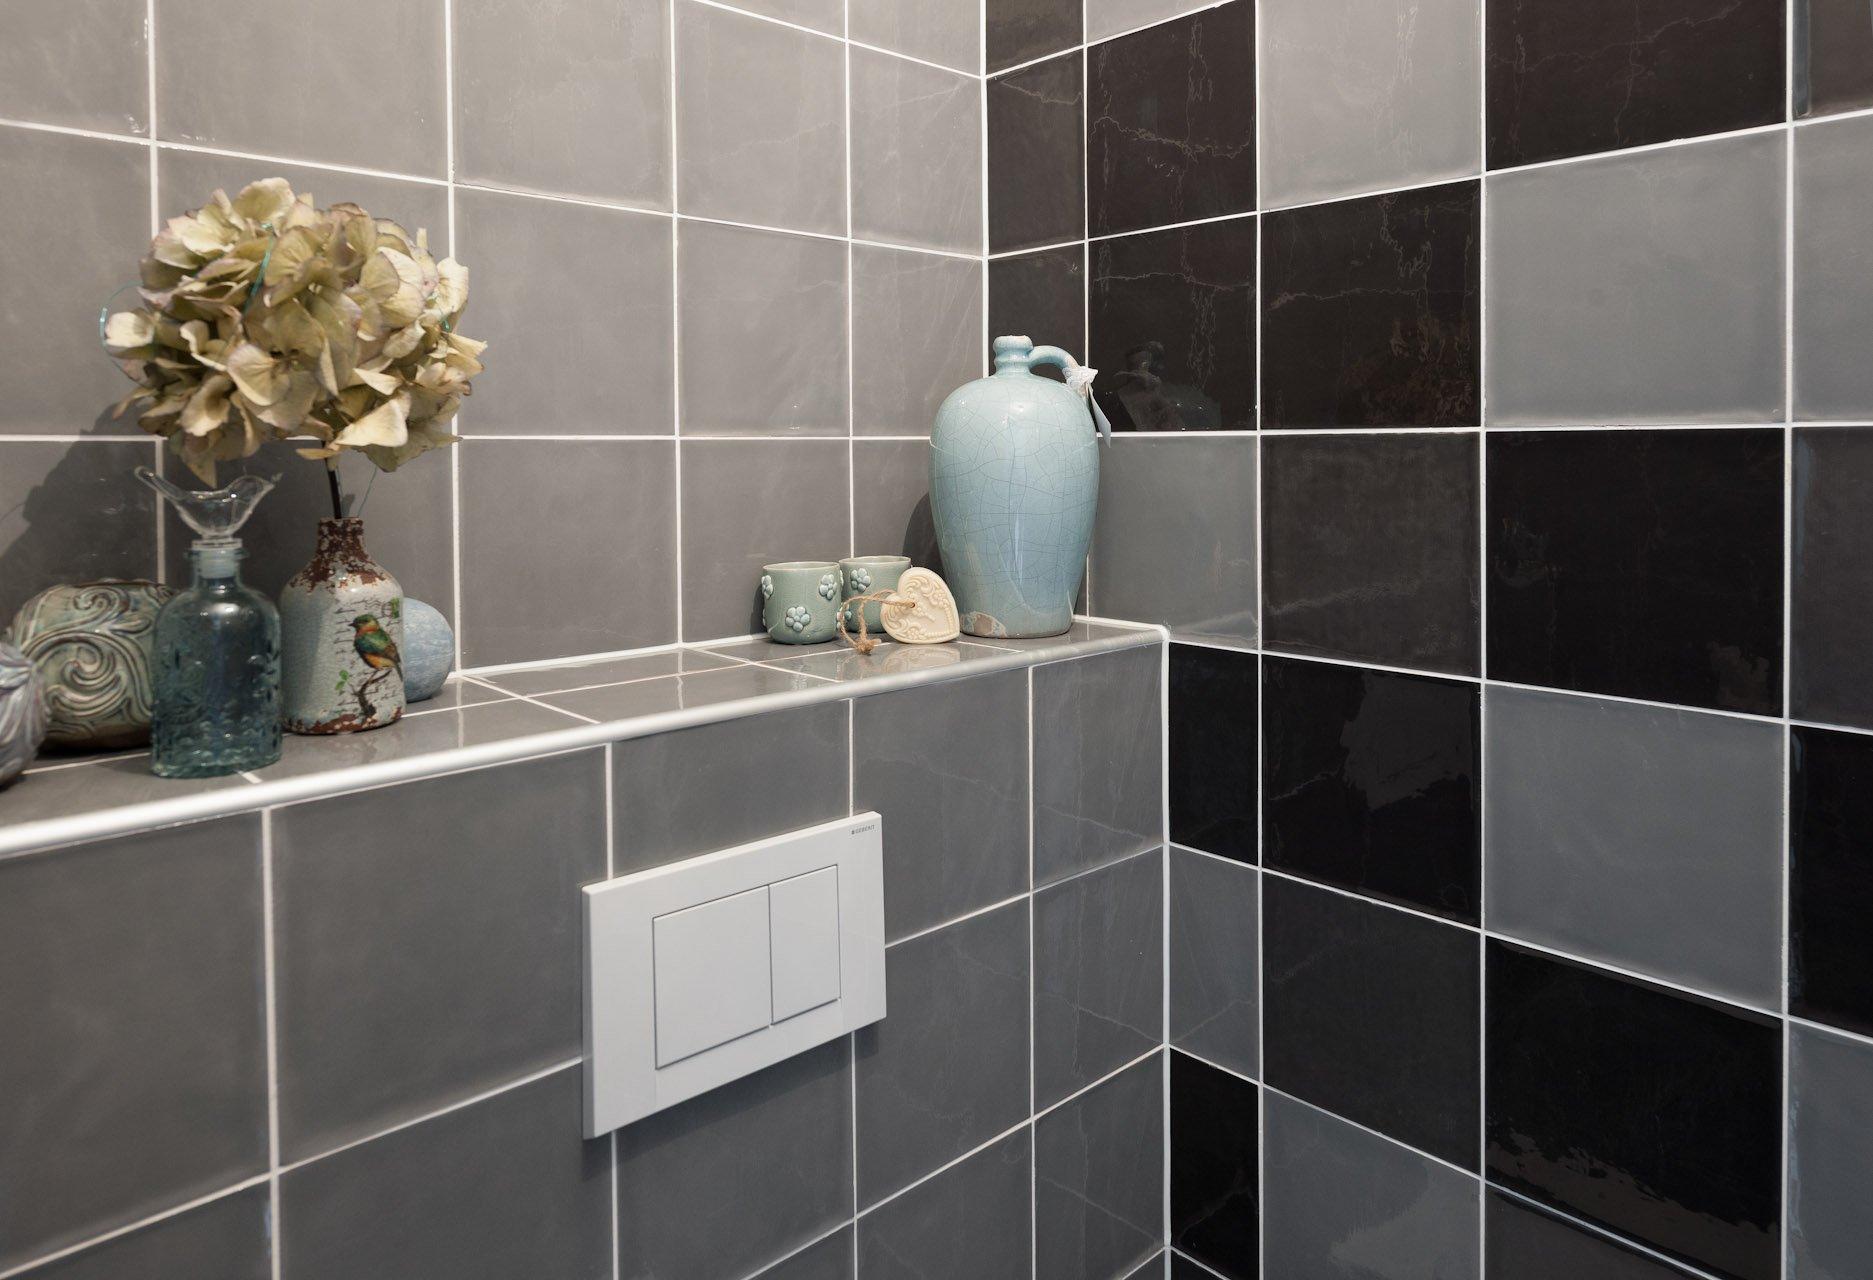 wandtegels keuken mozaiek : Wandtegels Kroon Vloeren In Steen